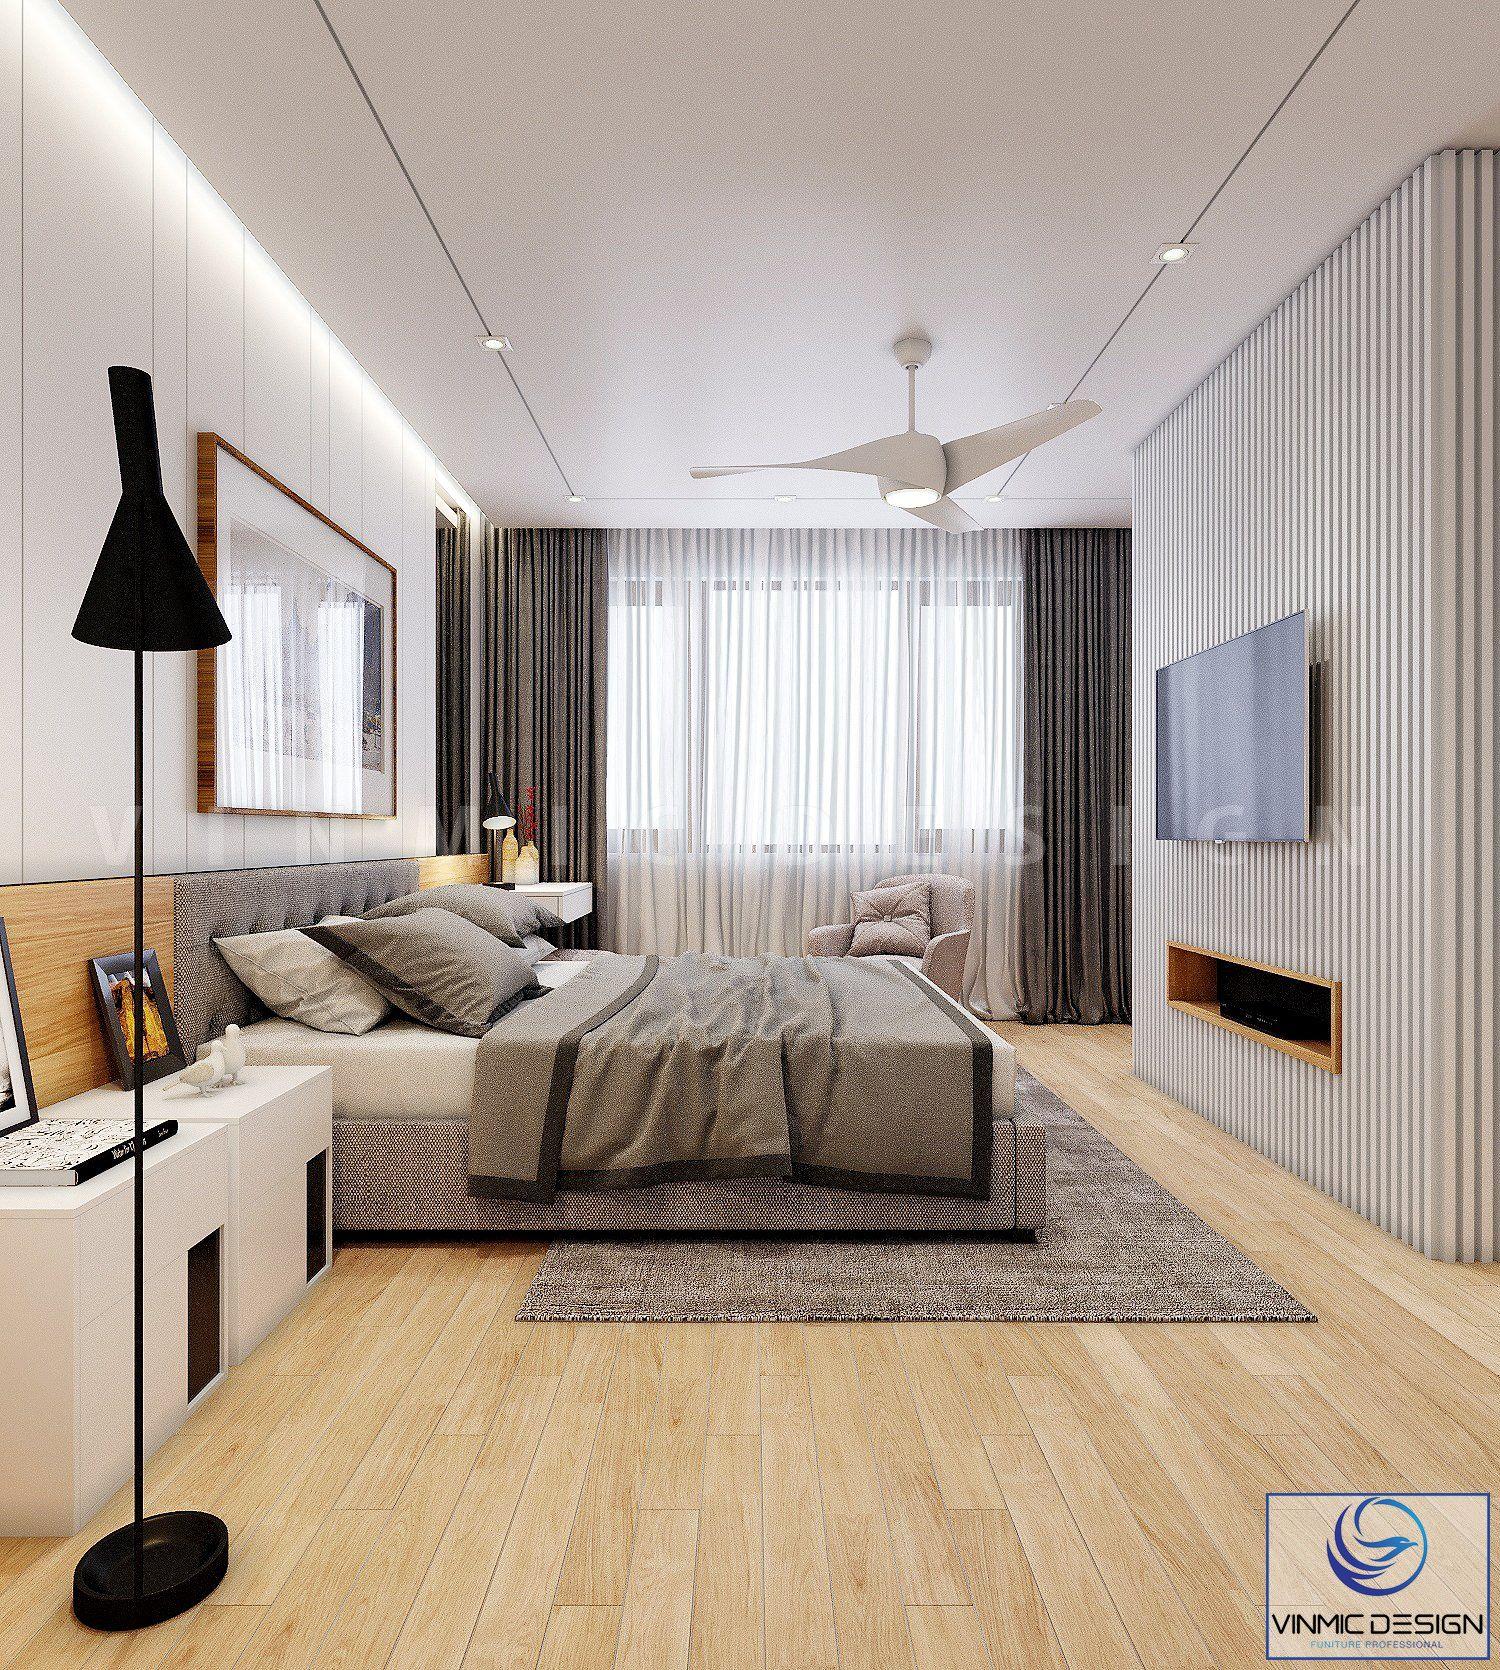 Phòng ngủ này cũng được sử dụng vách đứng để tầm nhìn xem ti vi được gần hơn